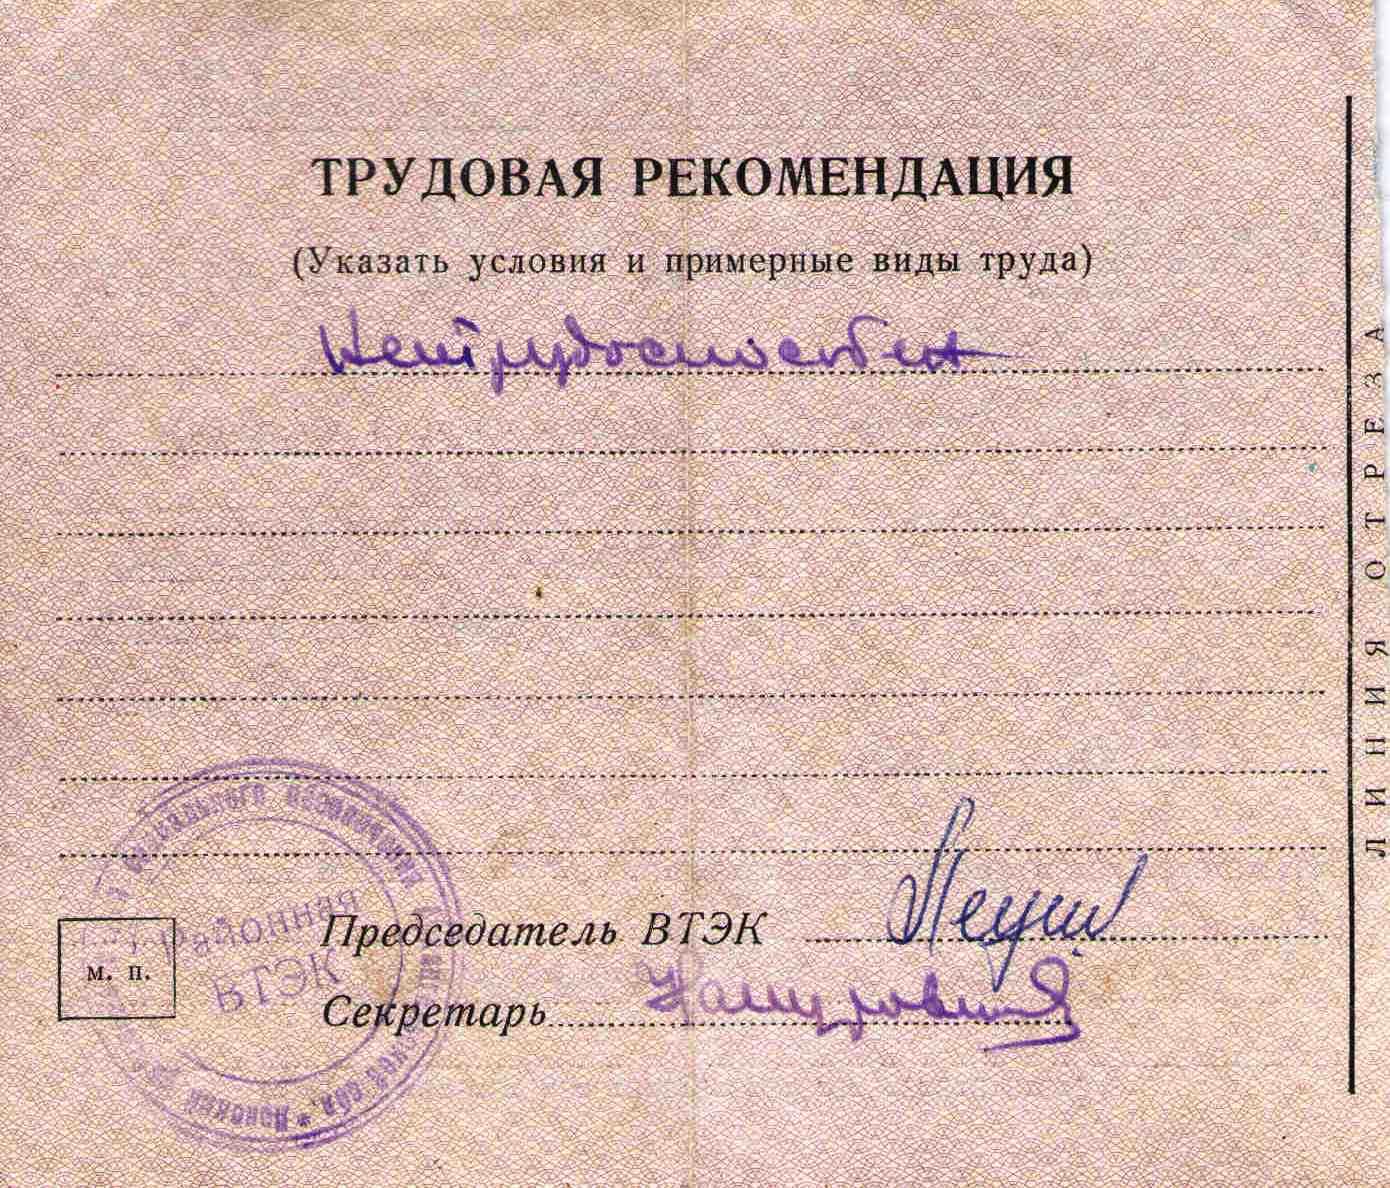 58. Справка Врачебно-трудовой экспертной комиссии ВТЭК, 1969